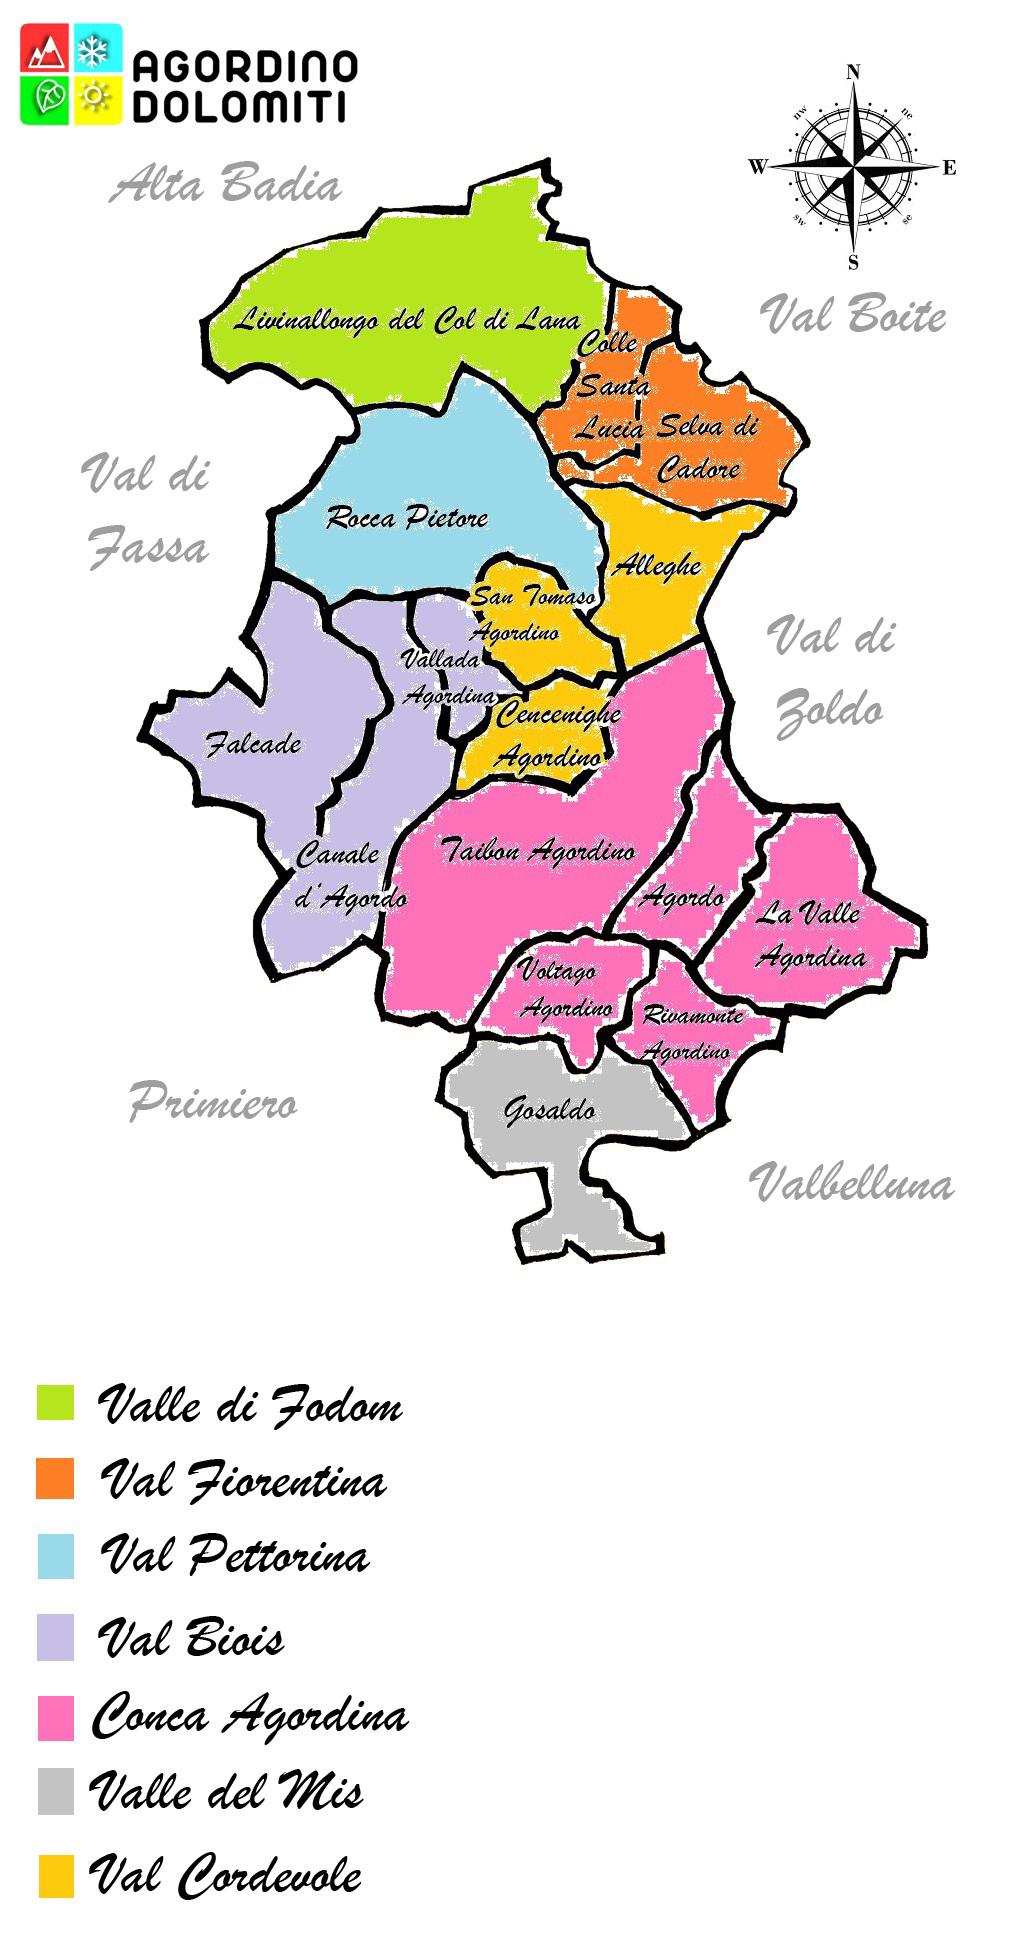 Valli del territorio Agordino Dolomiti